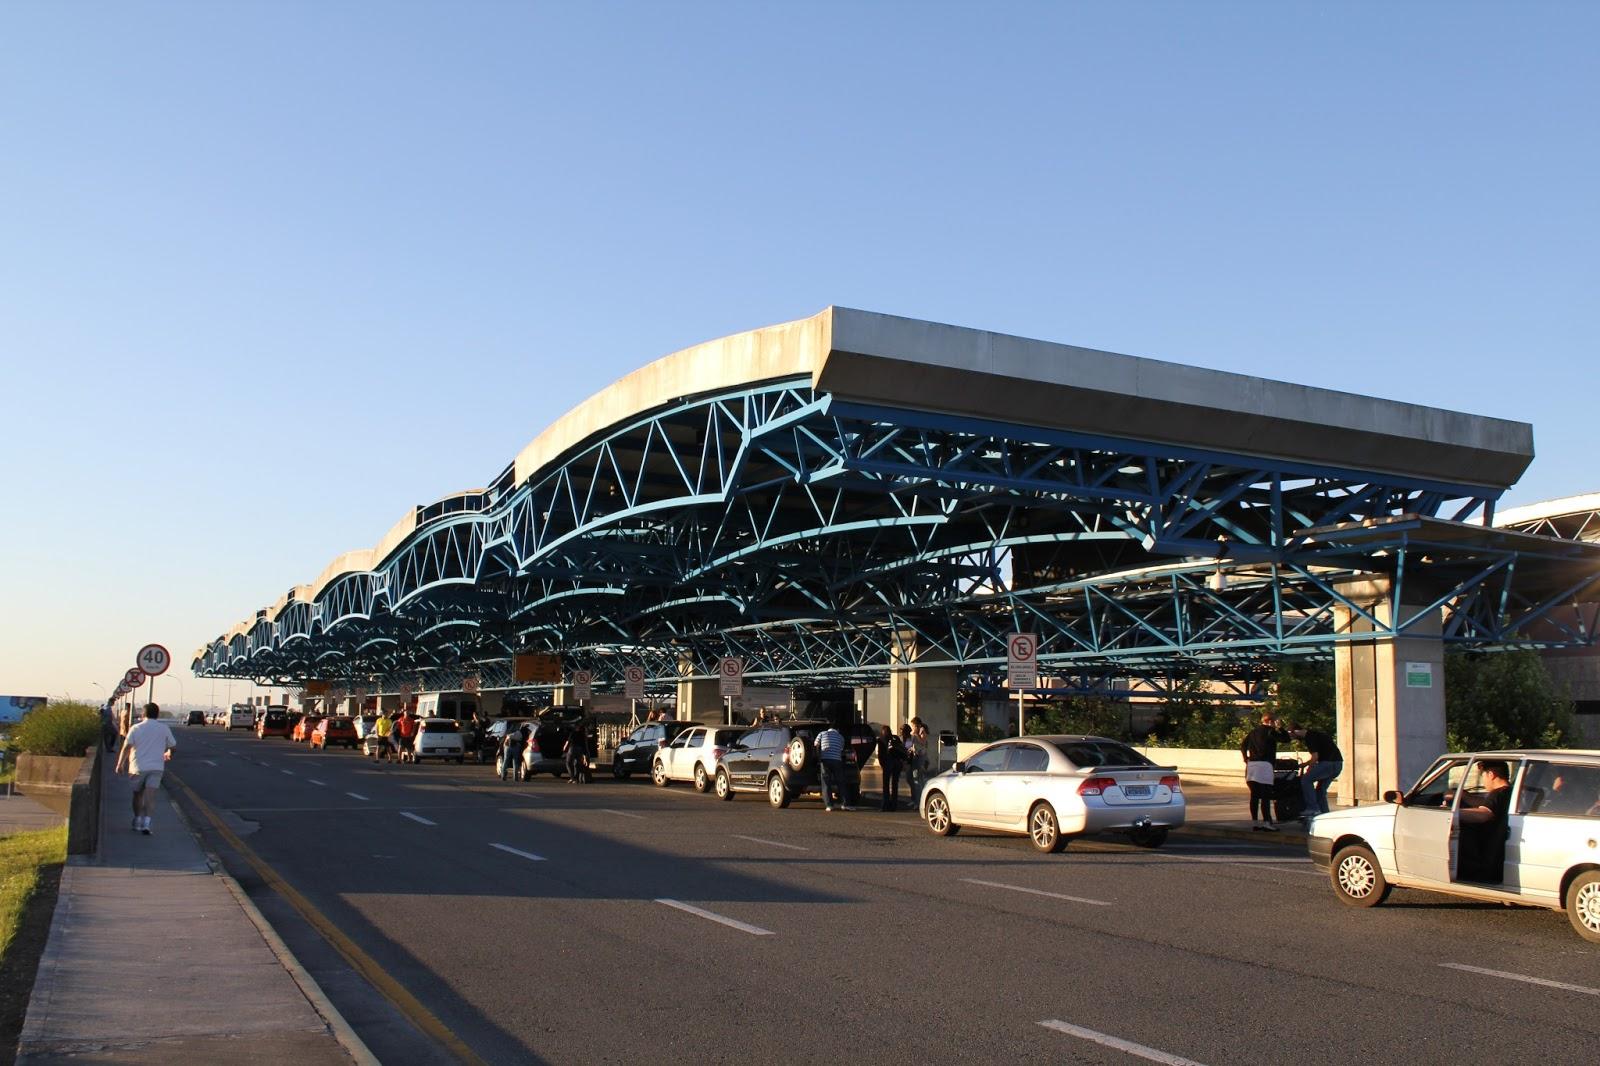 Aeroporto Afonso Pena Curitiba : Caminhos de são josé dos pinhais aeroporto internacional